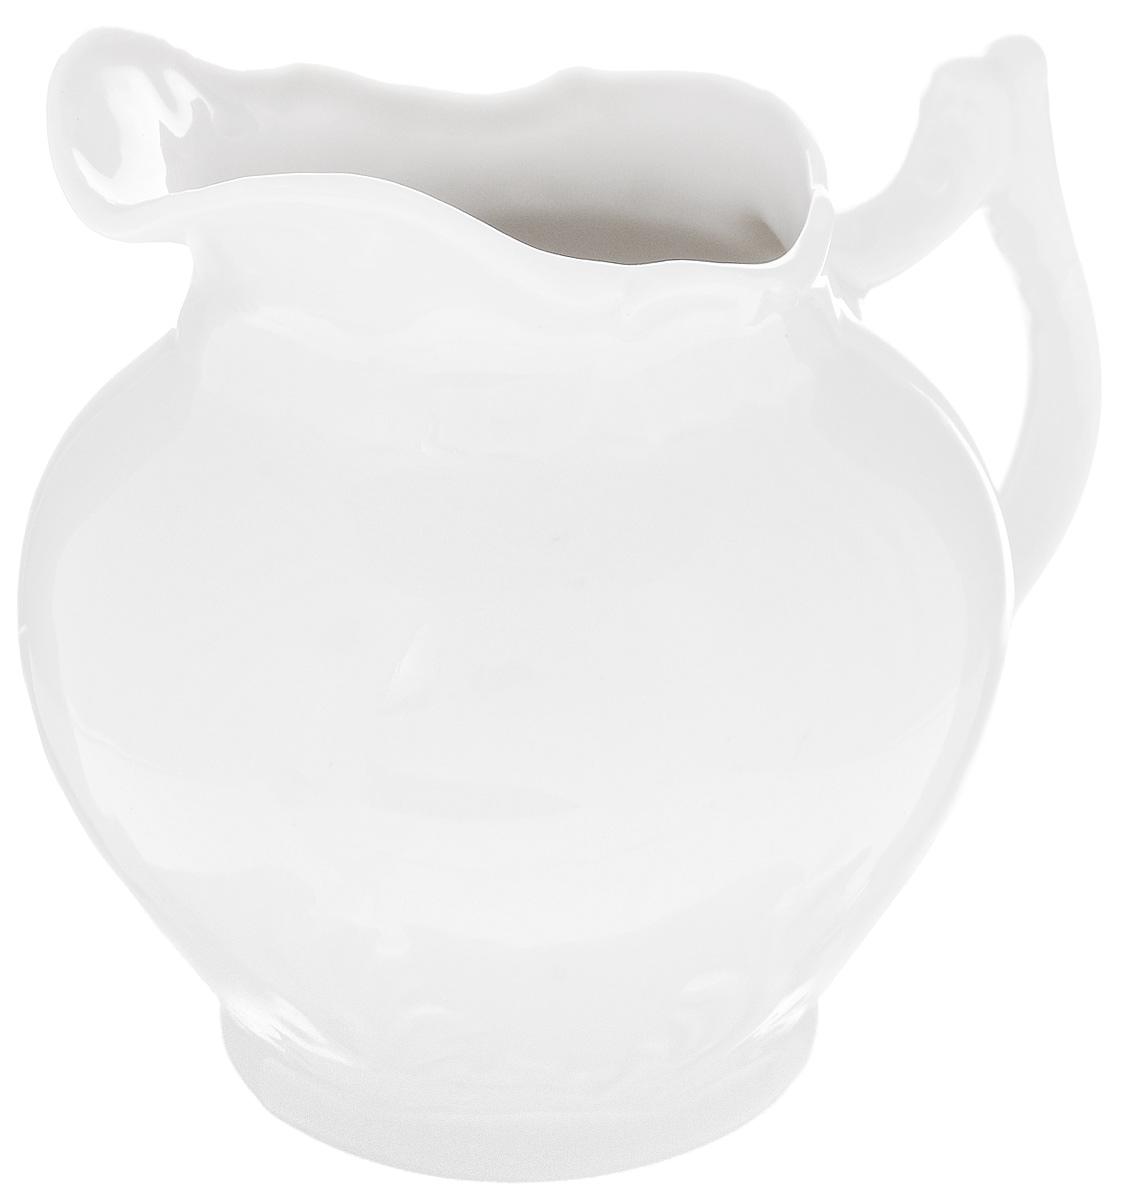 Сливочник Фарфор Вербилок, 350 мл3814000БСливочник Фарфор Вербилок выполнен из высококачественного фарфора. Это изделие предназначено для того, чтобы красиво и аппетитно подавать на стол сливки или молоко к чаю, кофе, супу или фруктам. Размер сливочника (по верхнему краю): 6 х 7,5 см. Высота сливочника: 11,5 см.